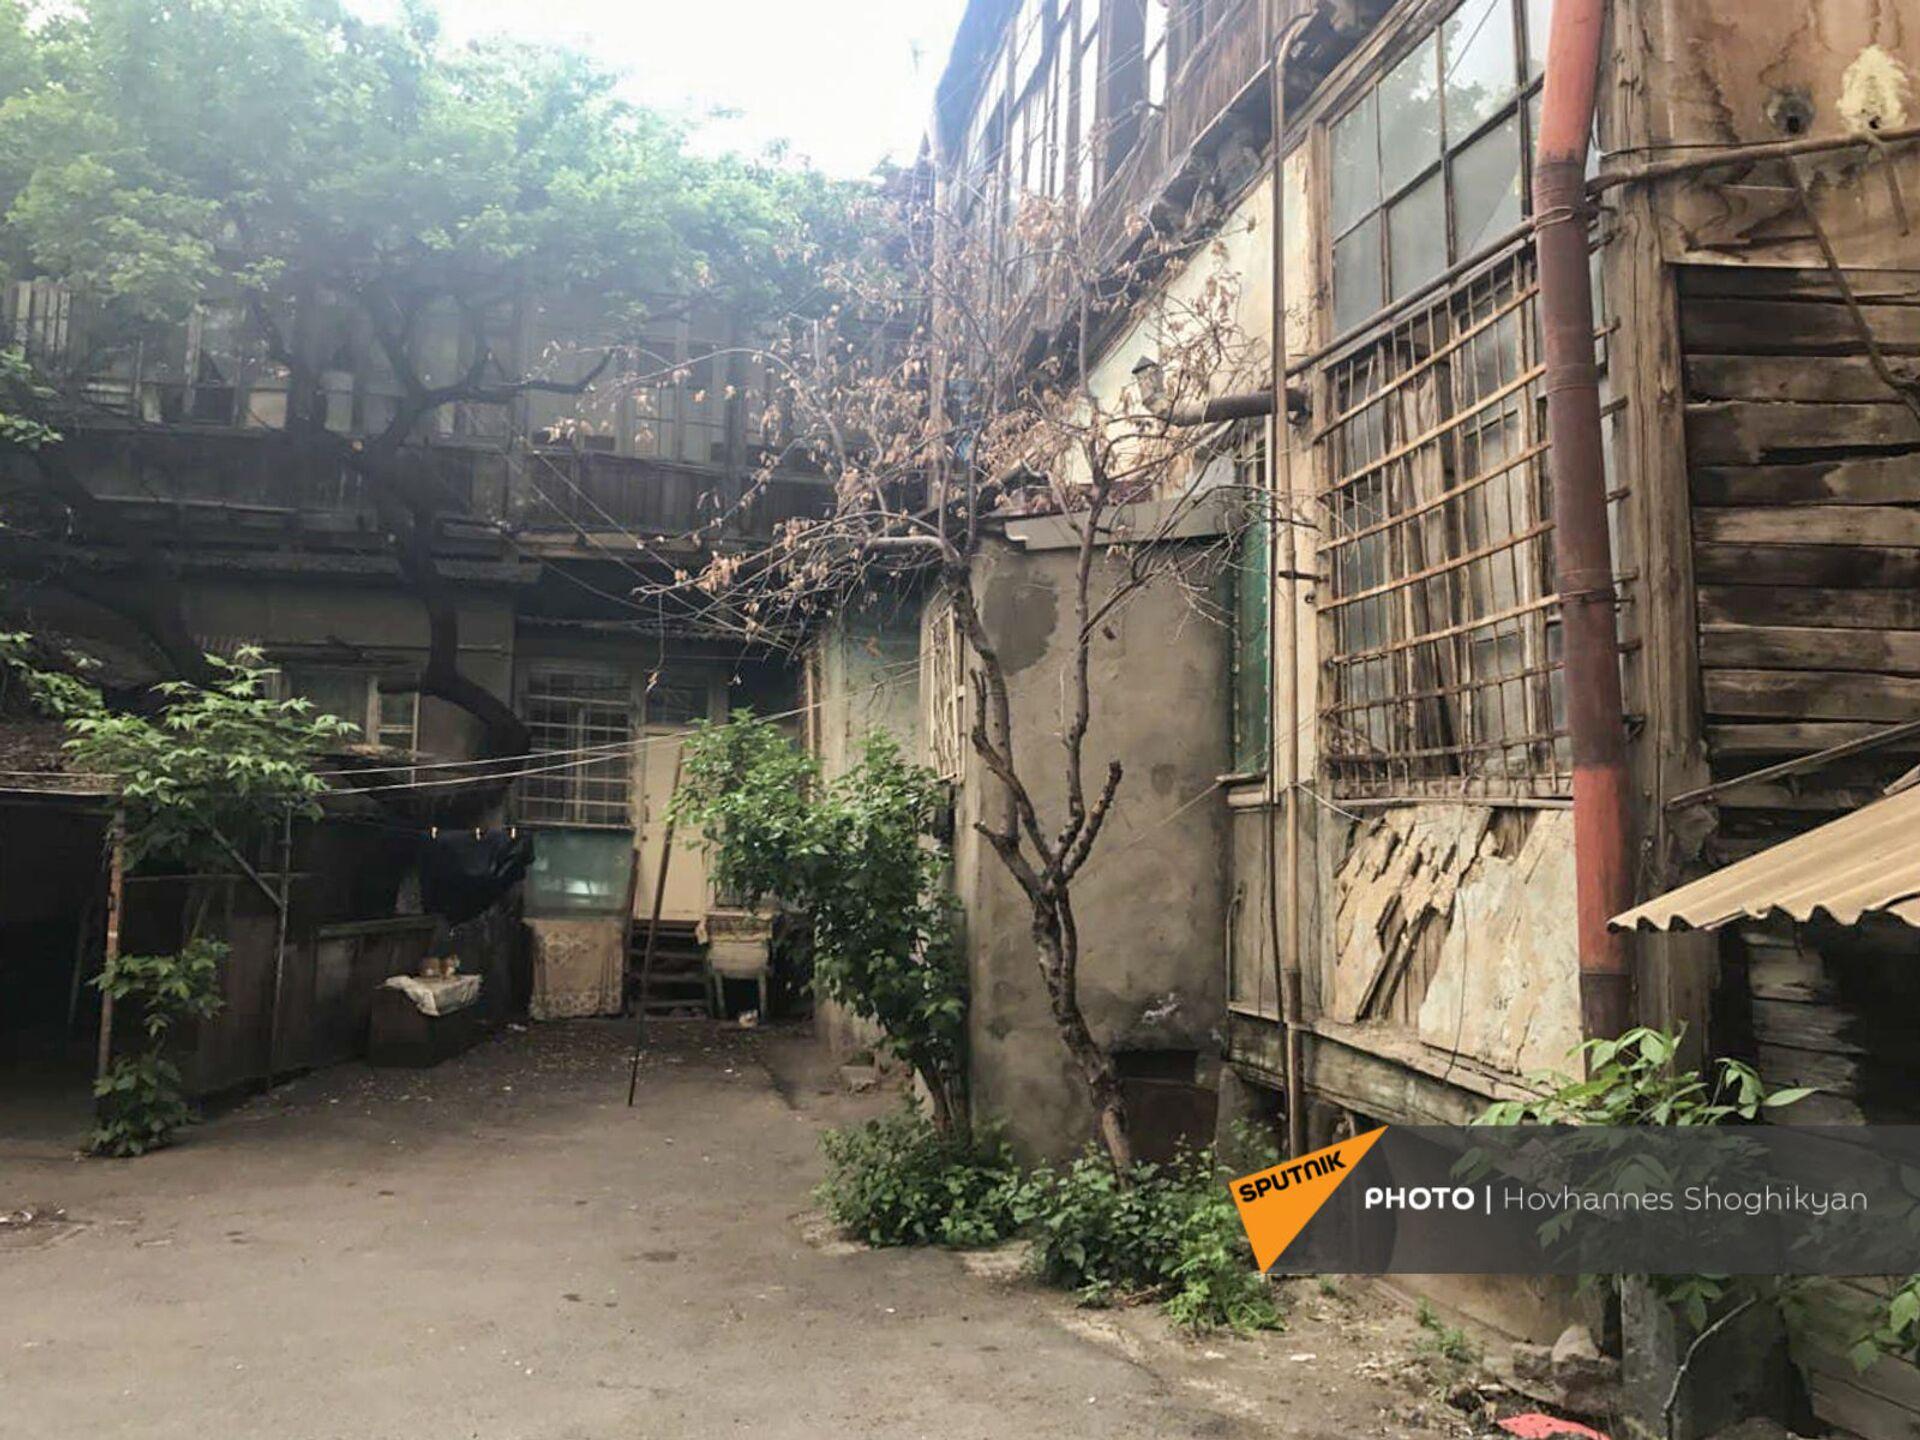 Судьба здания конца XIX века в Ереване зависит от заключения министерства - архитектор - Sputnik Армения, 1920, 13.07.2021